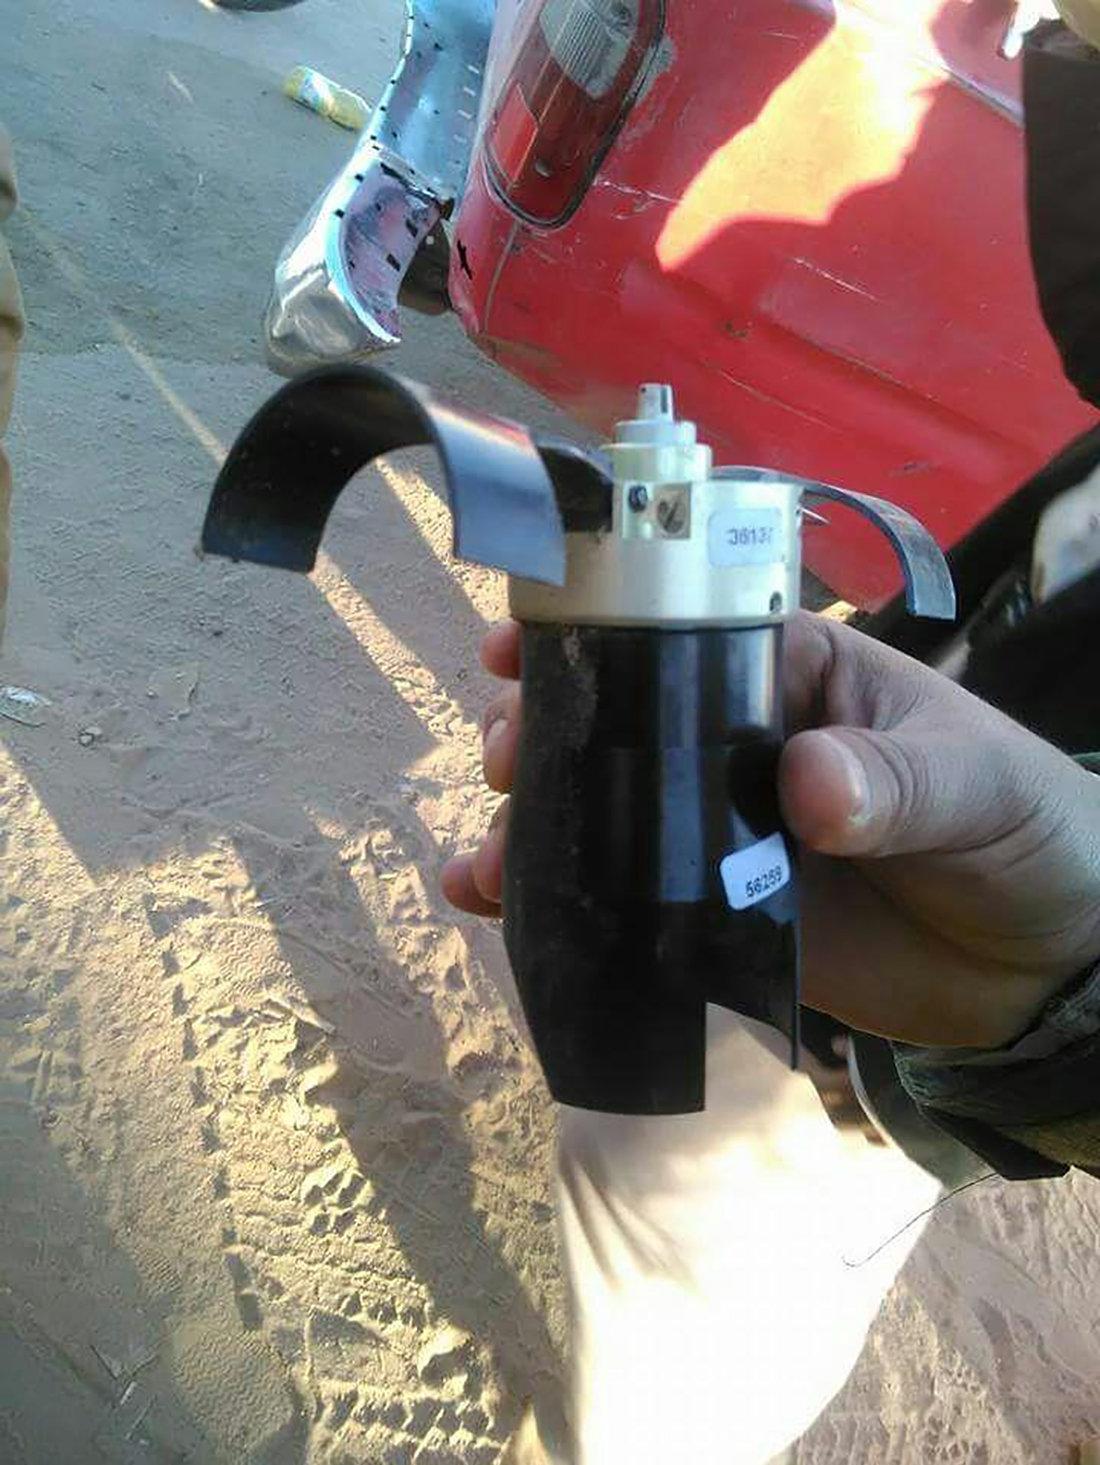 Sub-munição encontrada em um míssil Astros II, de fabricação brasileira, após um ataque da coalizão saudita no Iêmen em dezembro de 2016